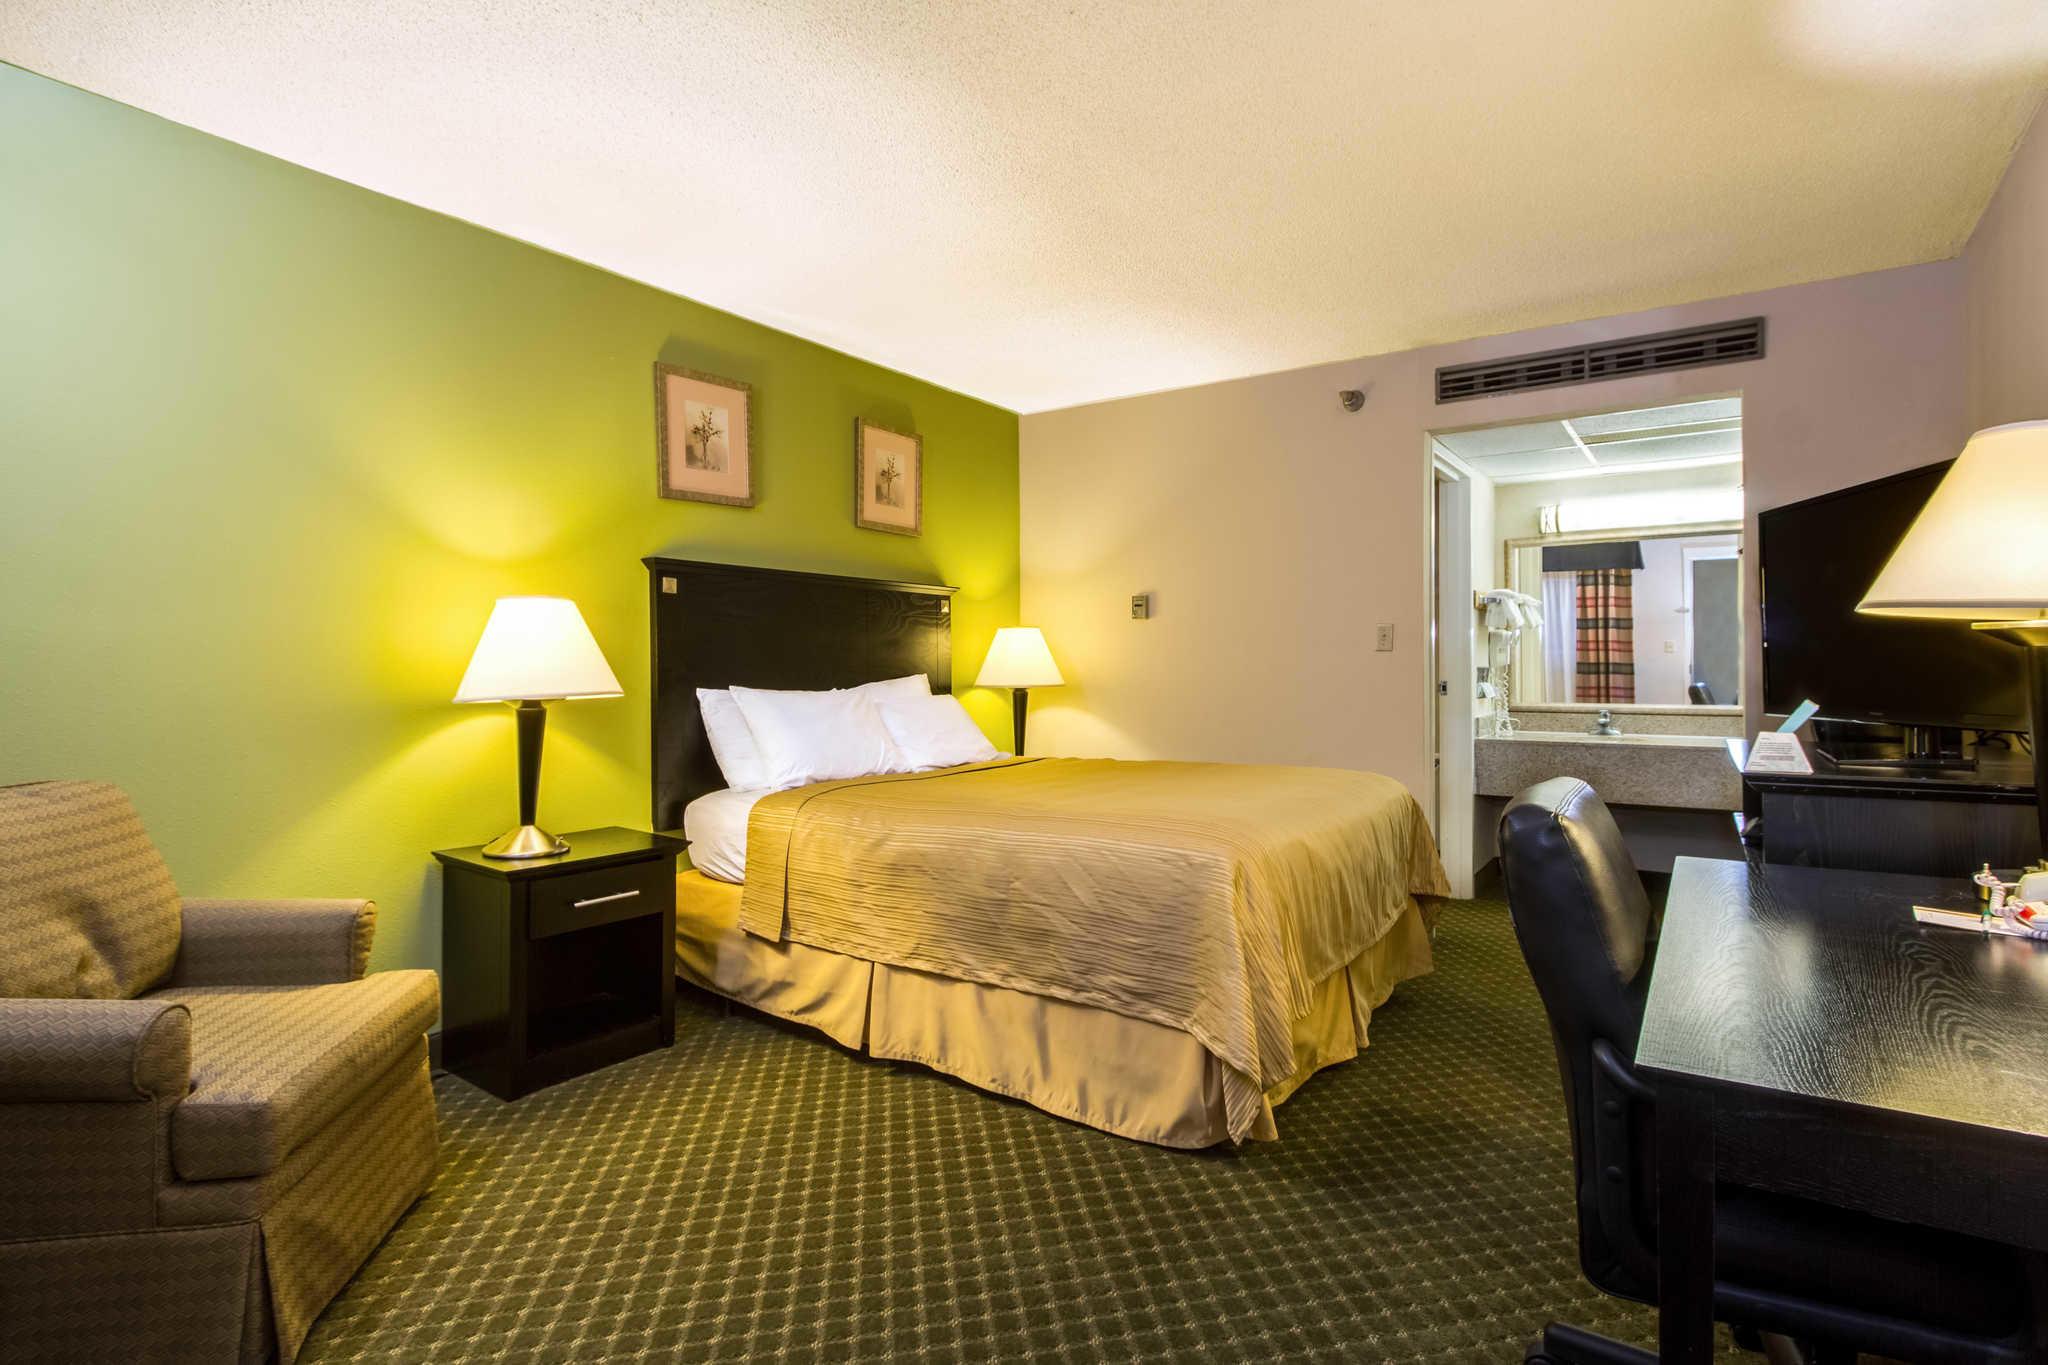 Quality Inn & Suites Moline - Quad Cities image 9